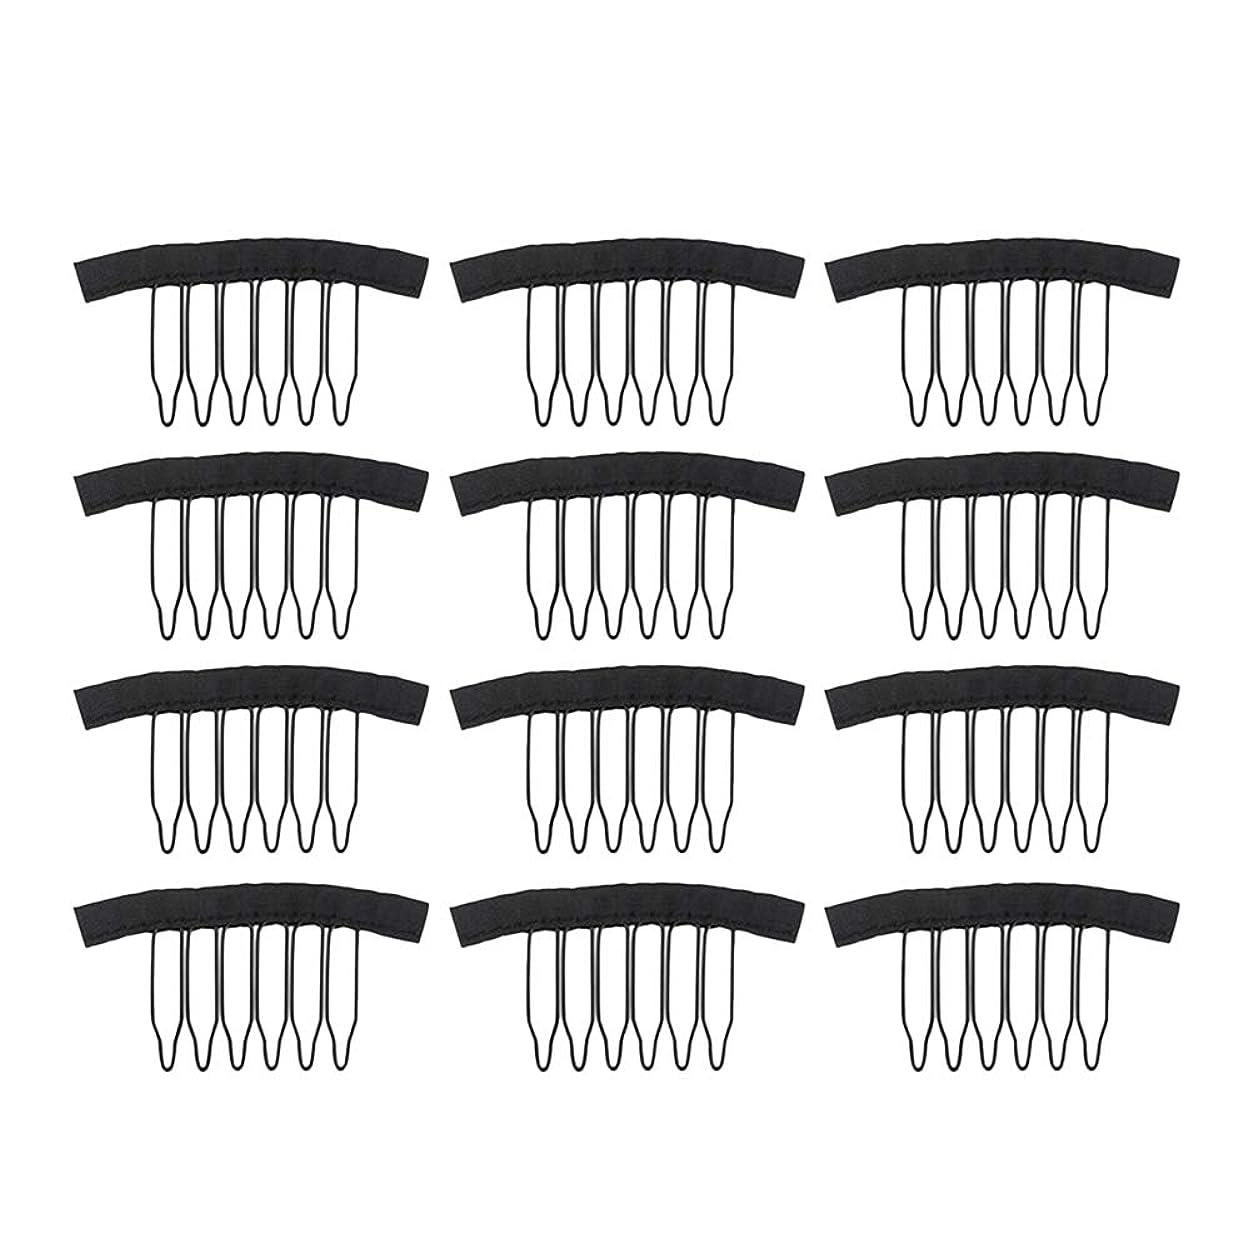 バランスメトリックパイロットFrcolor 12PC ウィッグ かつらピン ウィッグネットキャップクリップステンレススチール 女性用ウィッグアクセサリー(ブラック)